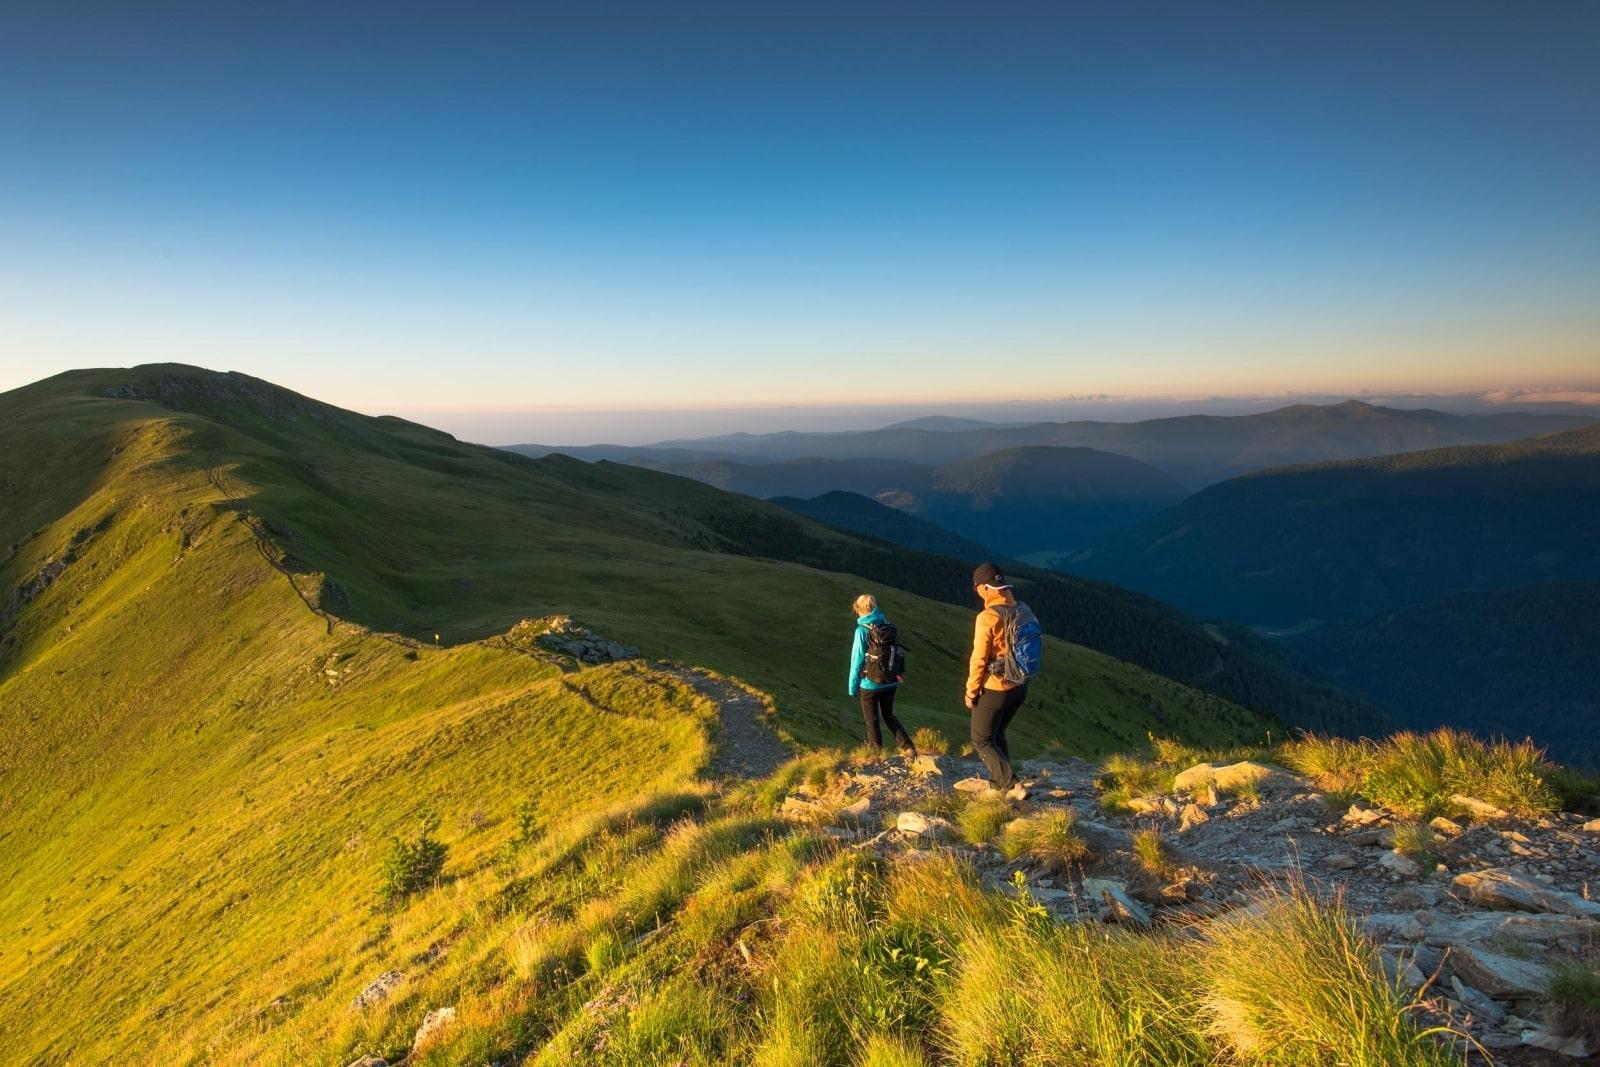 Heidi-Chalet-Falkert-Heidialm-Falkertsee-Blick-Gipfel-Almwiesen